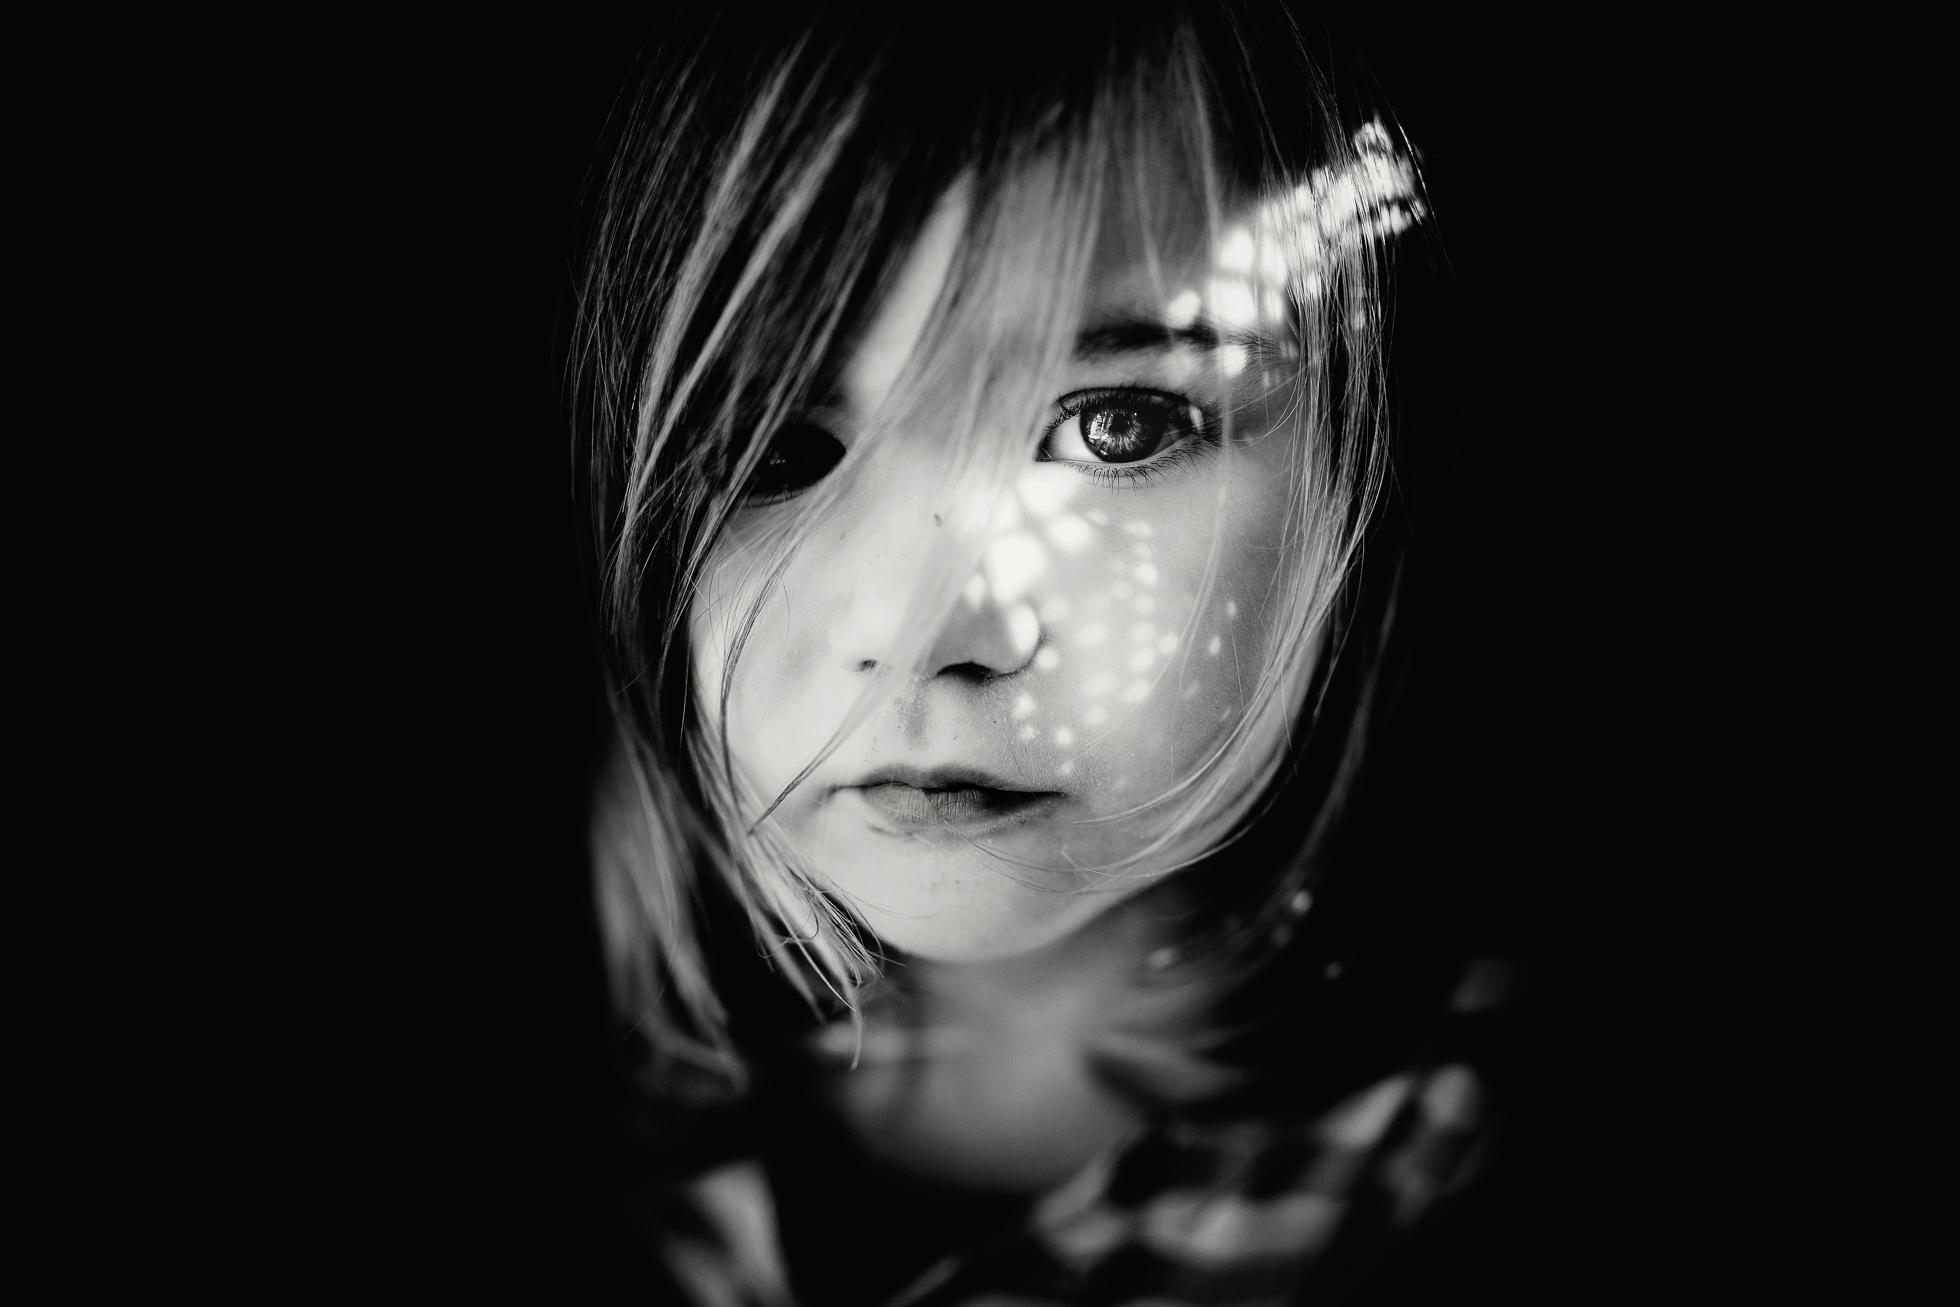 Child, Portrait by Rachel Ambroson with Sigma 35mm f/1.4 DG HSM Art